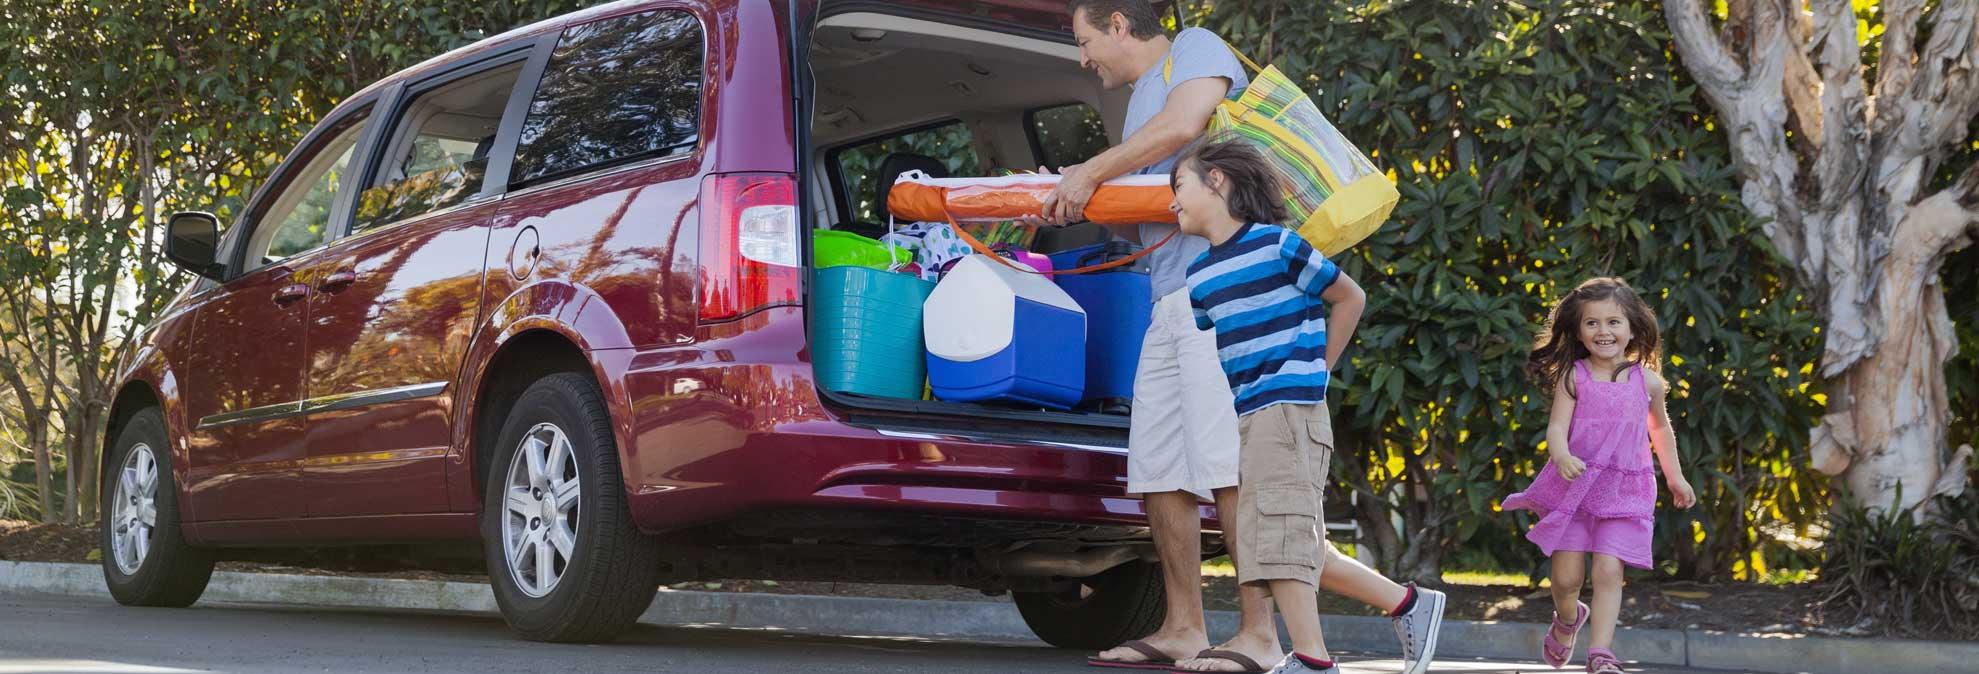 Best Minivan Buying Guide